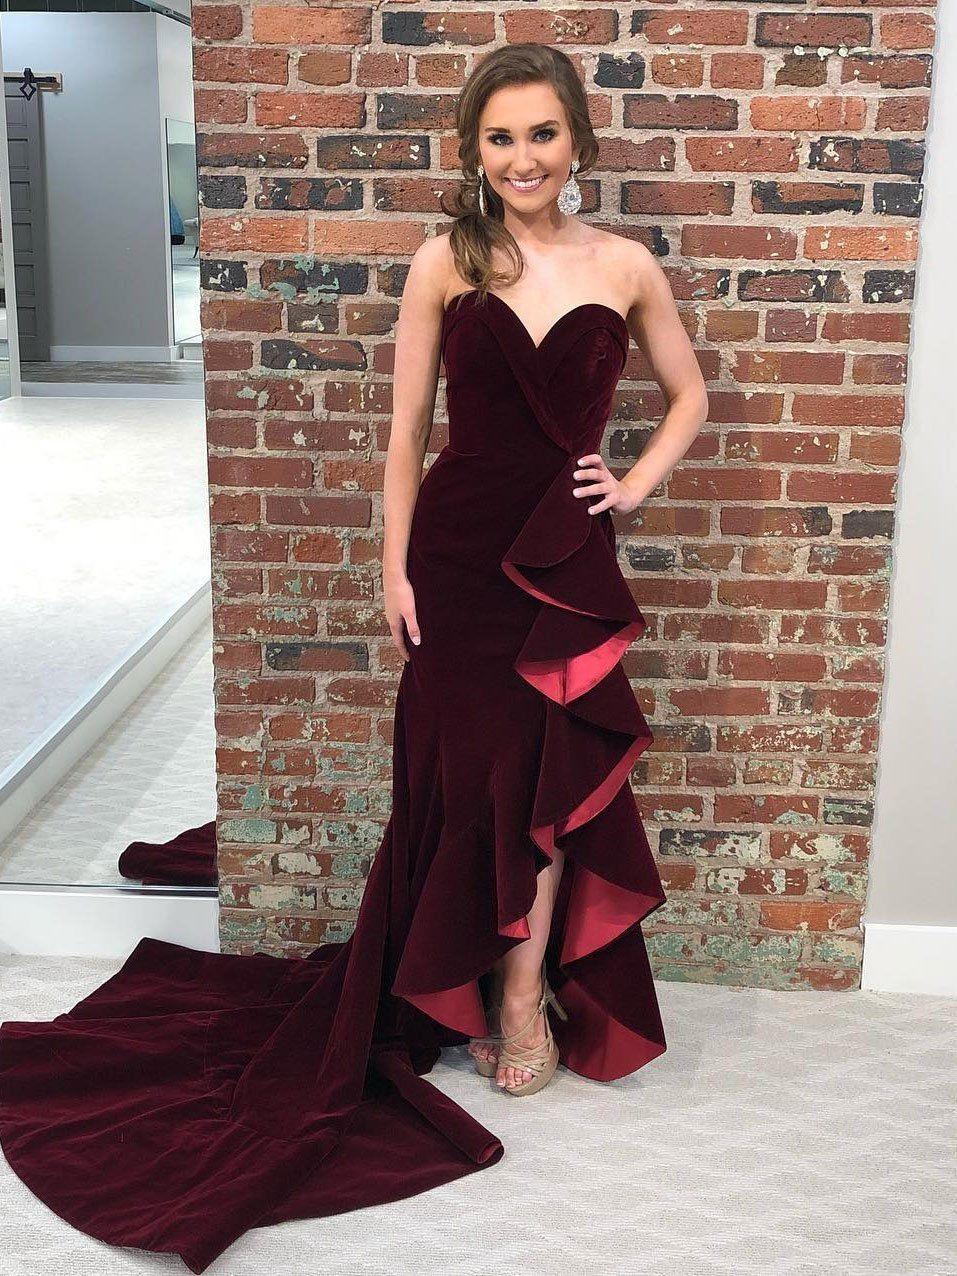 b4b3d23352 Strapless Sweetheart Burgundy Velvet Mermaid Prom Dresses with Slit ...